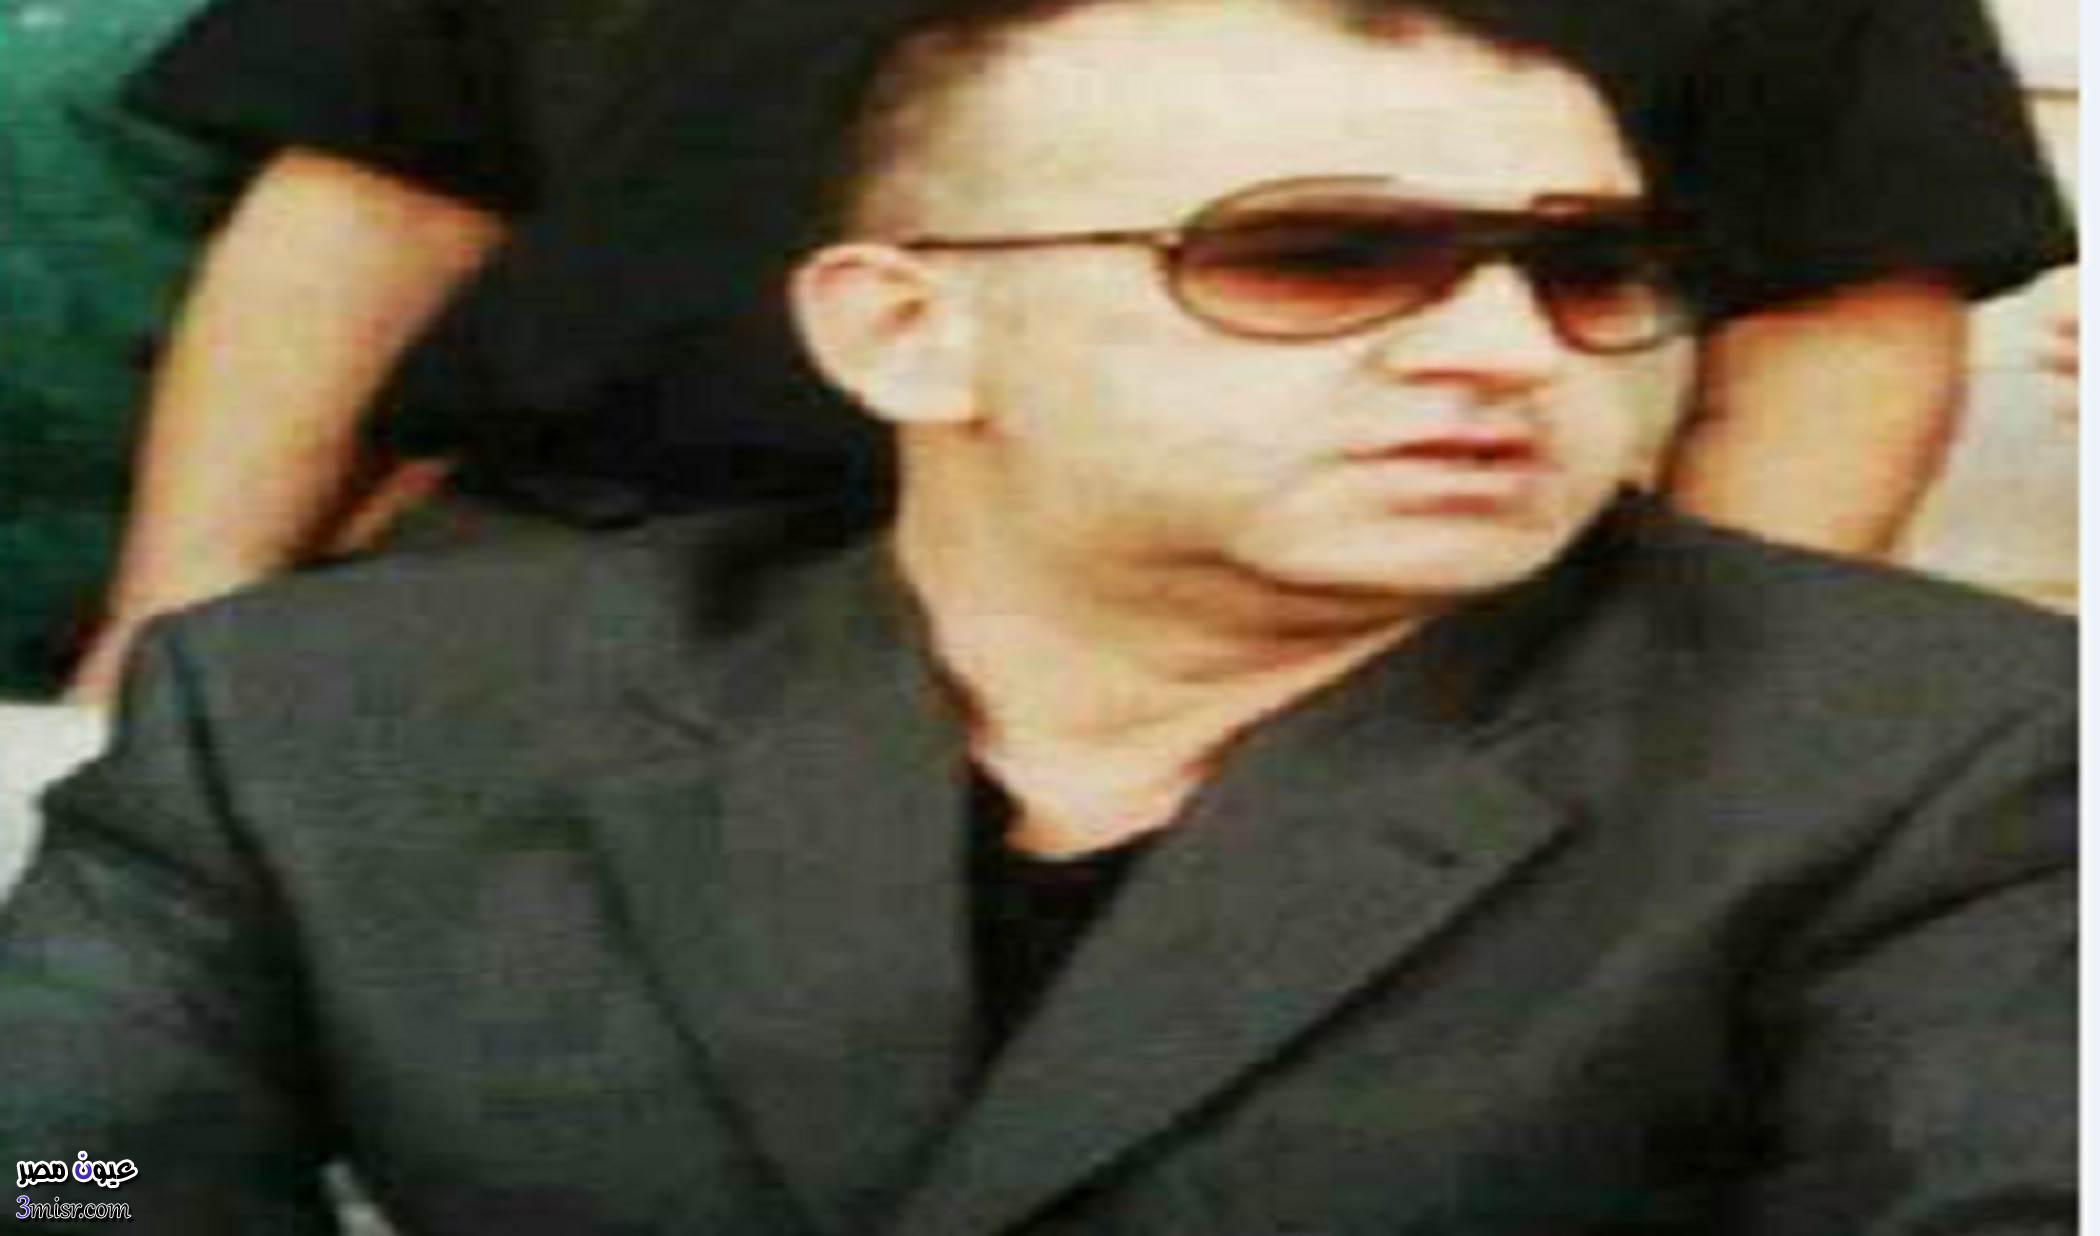 قناة العربية مباشر: وفاة فواز جميل الأسد ابن عم بشار الاسد بعد صراع مع المرض وآخر أخبار سوريا